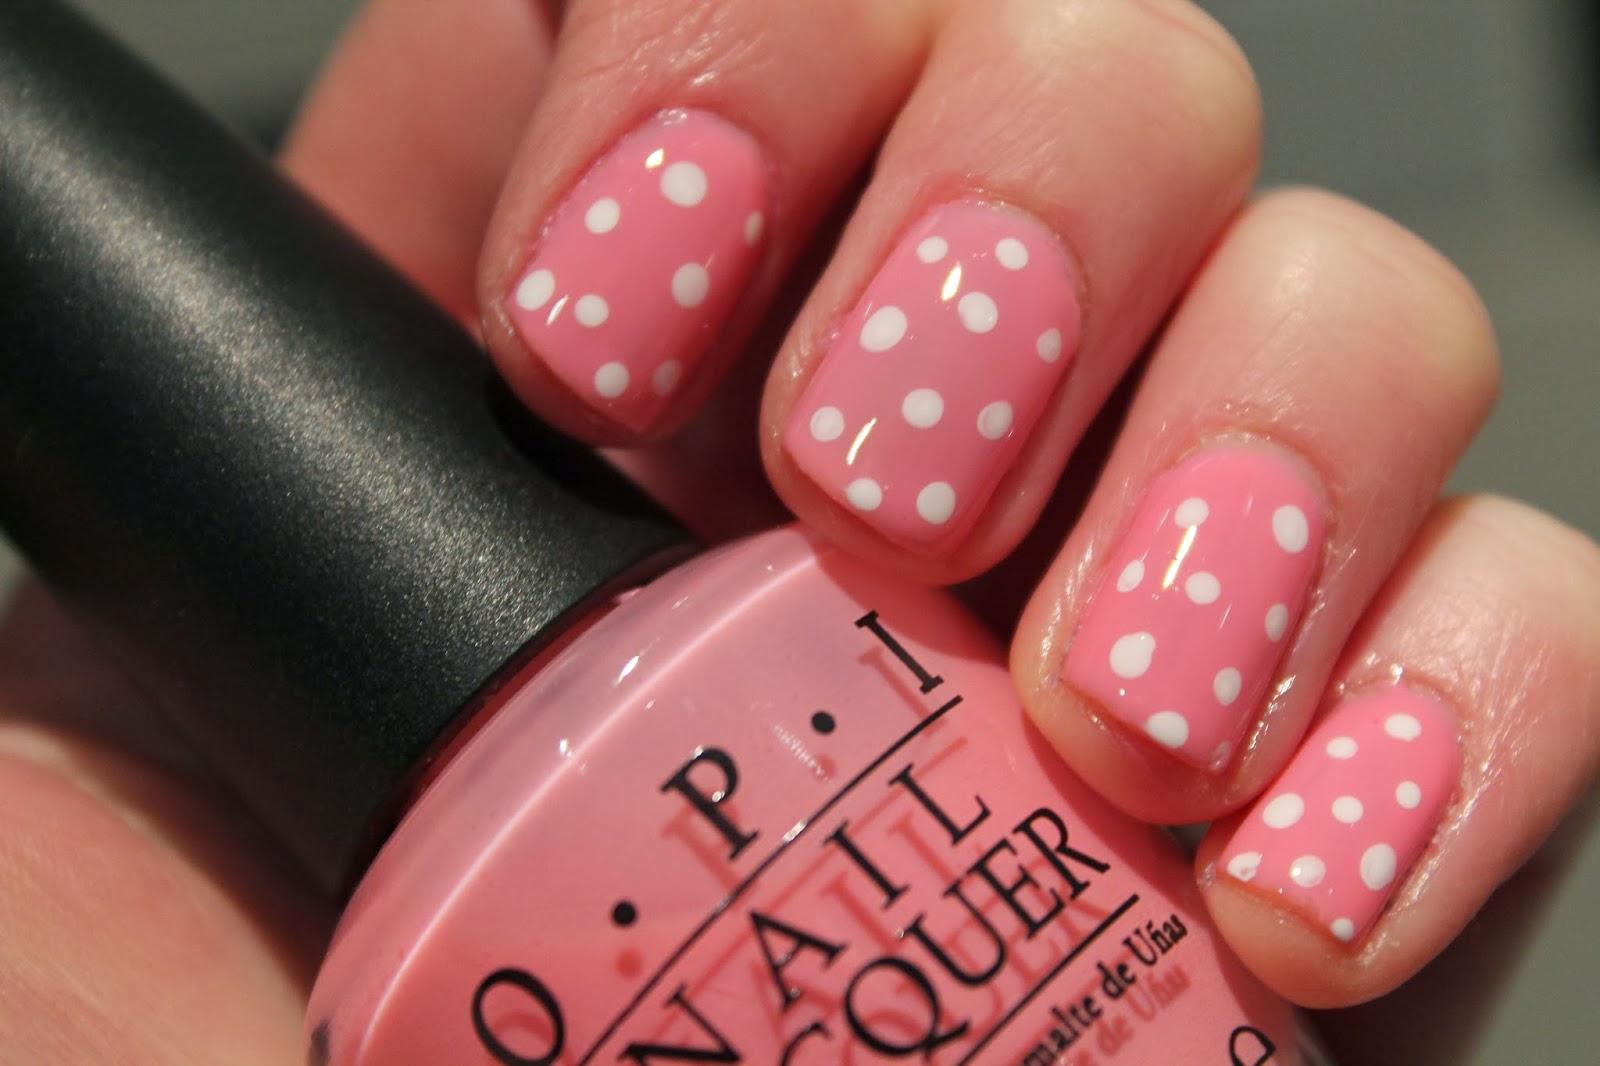 Pink polka dot OPI nail art - Valentines Day